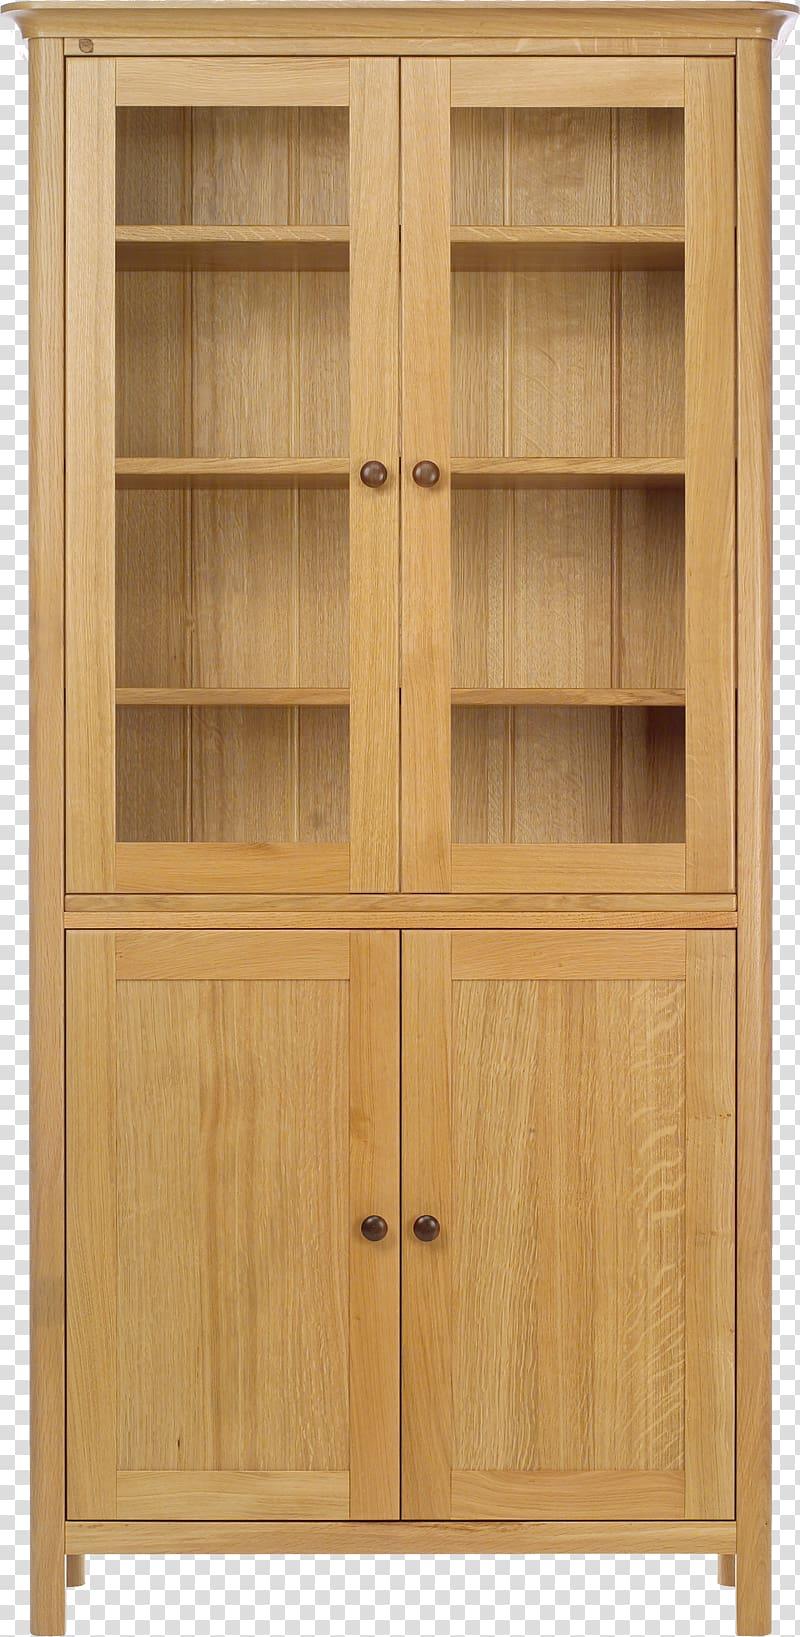 Brown wooden display cabinet Pantry Cabinetry Door Wood Cupboard 800x1637